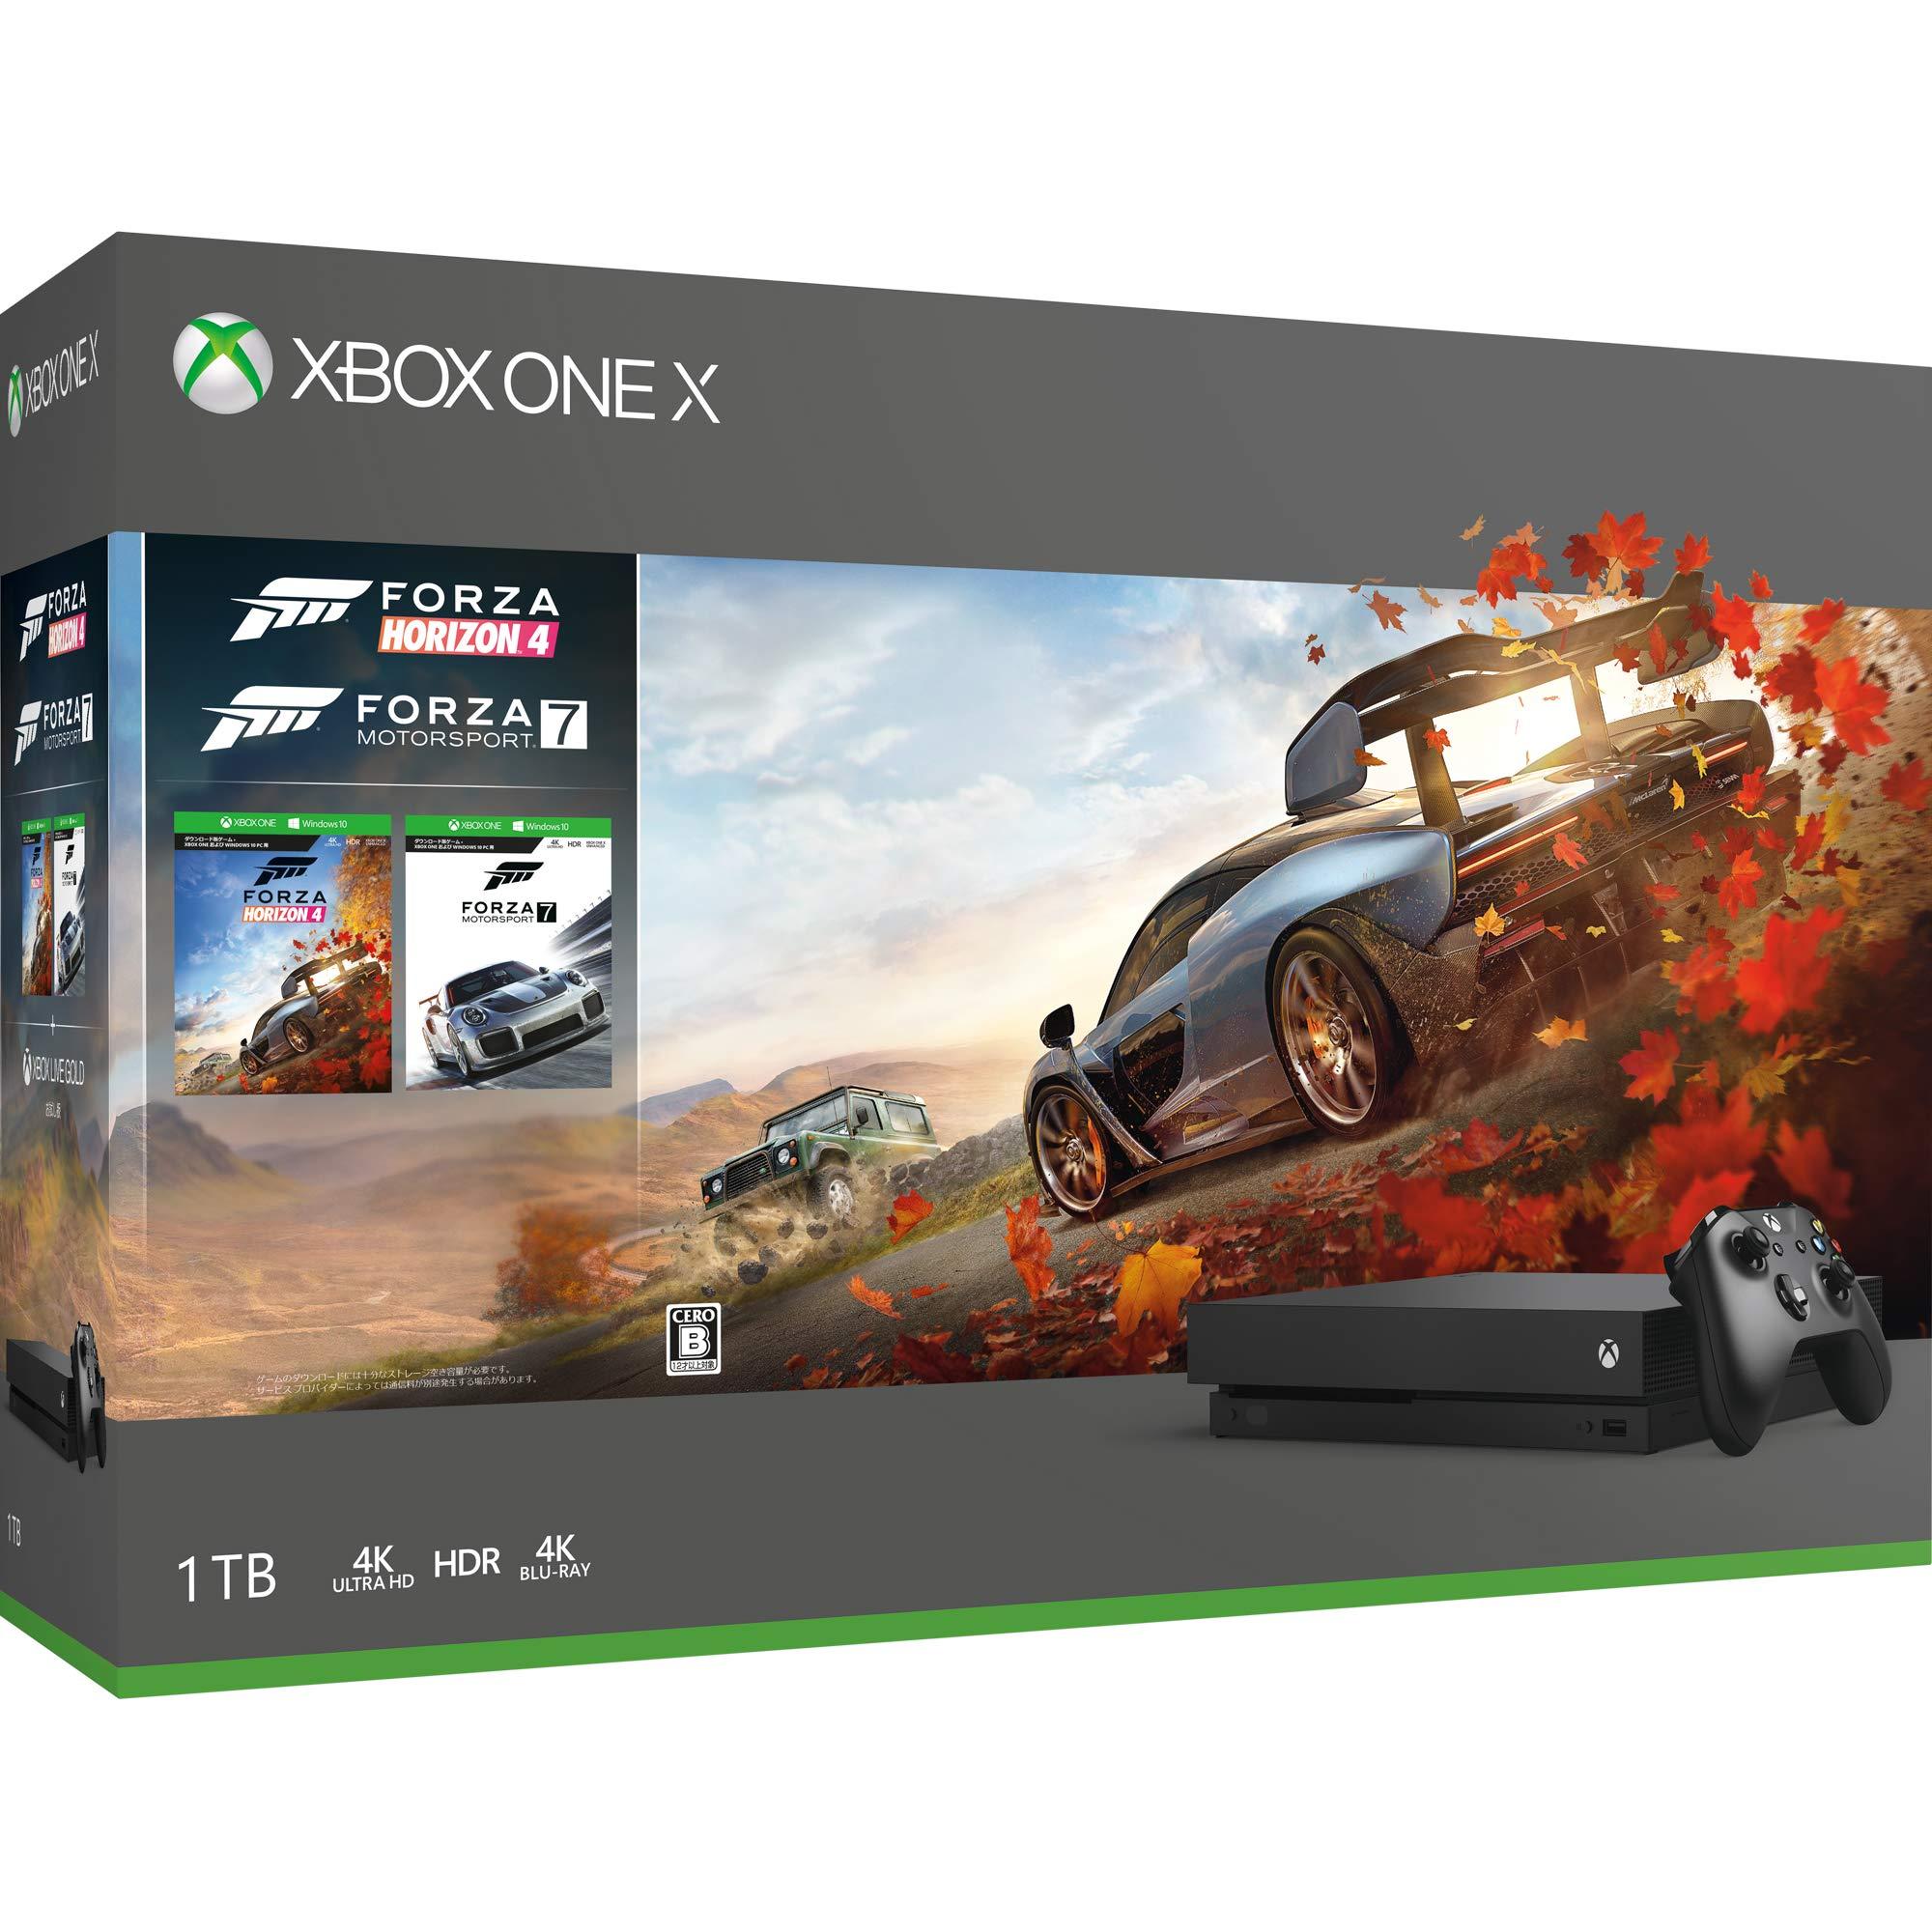 Xbox One X Forza Horizon 4 & Forza Motorsport 7同梱版